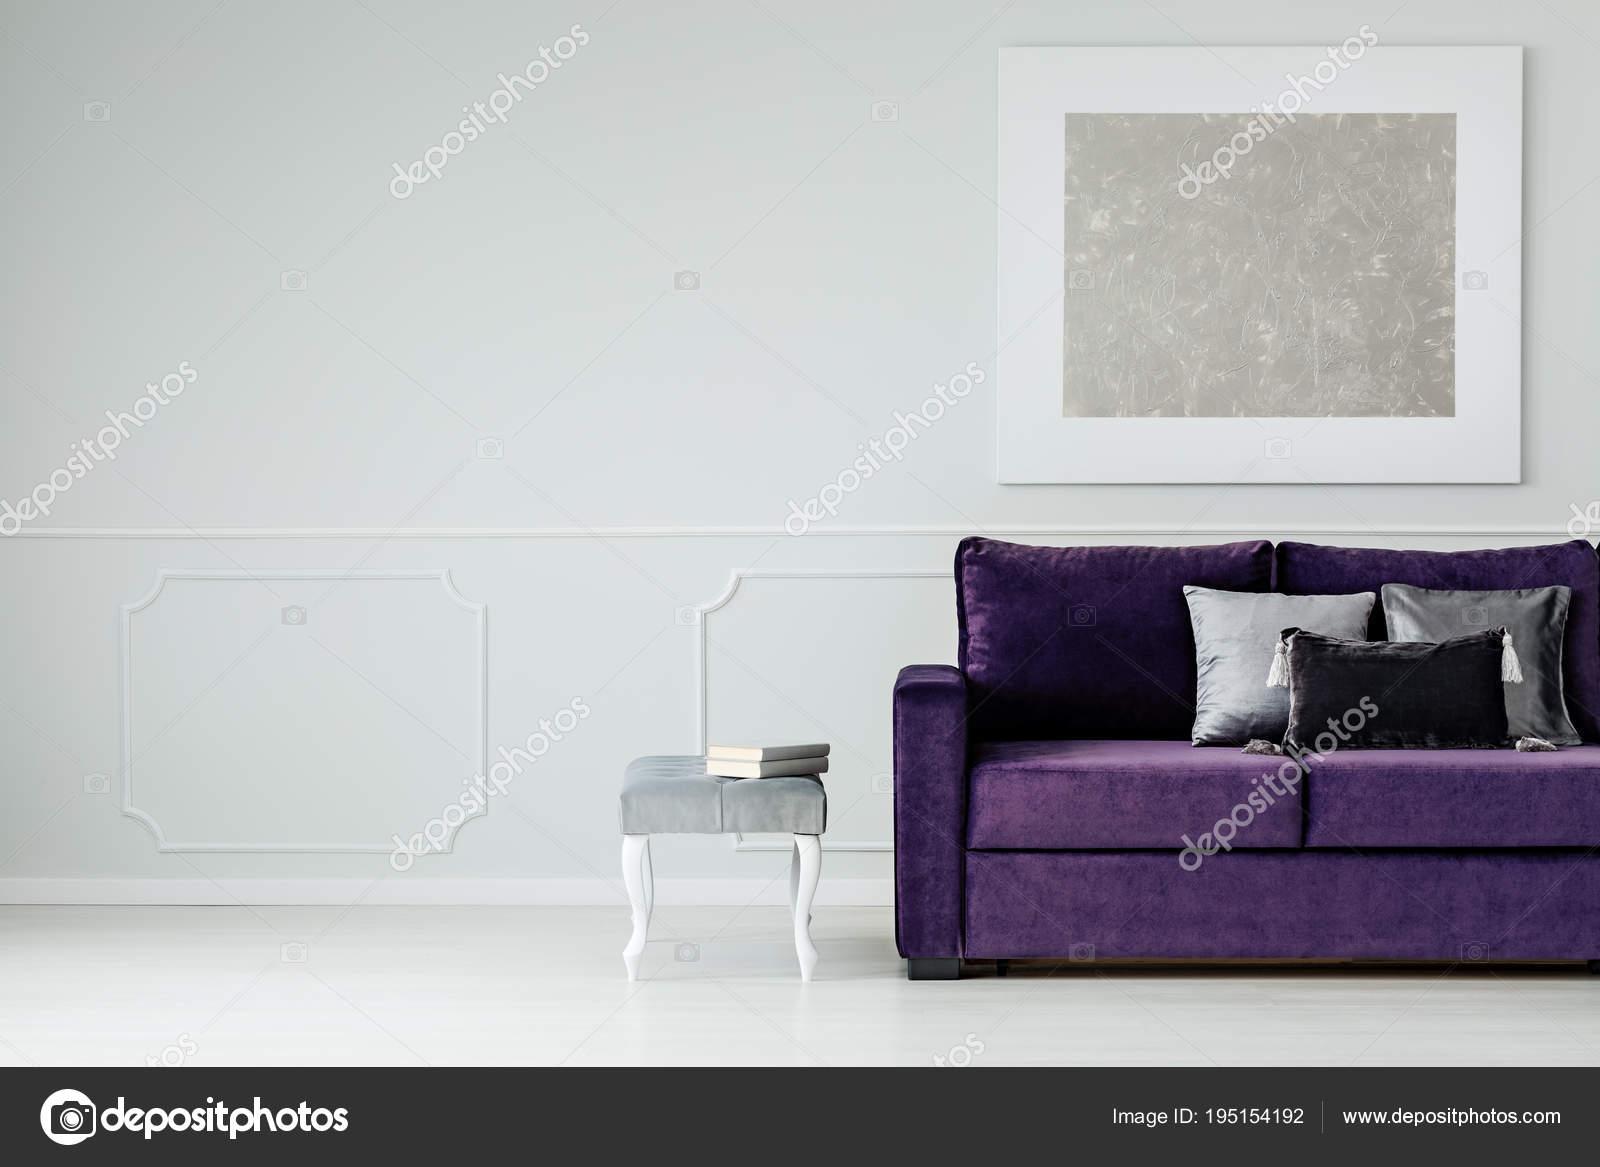 wohnzimmer silber, silber und lila wohnzimmer — stockfoto © photographee.eu #195154192, Design ideen